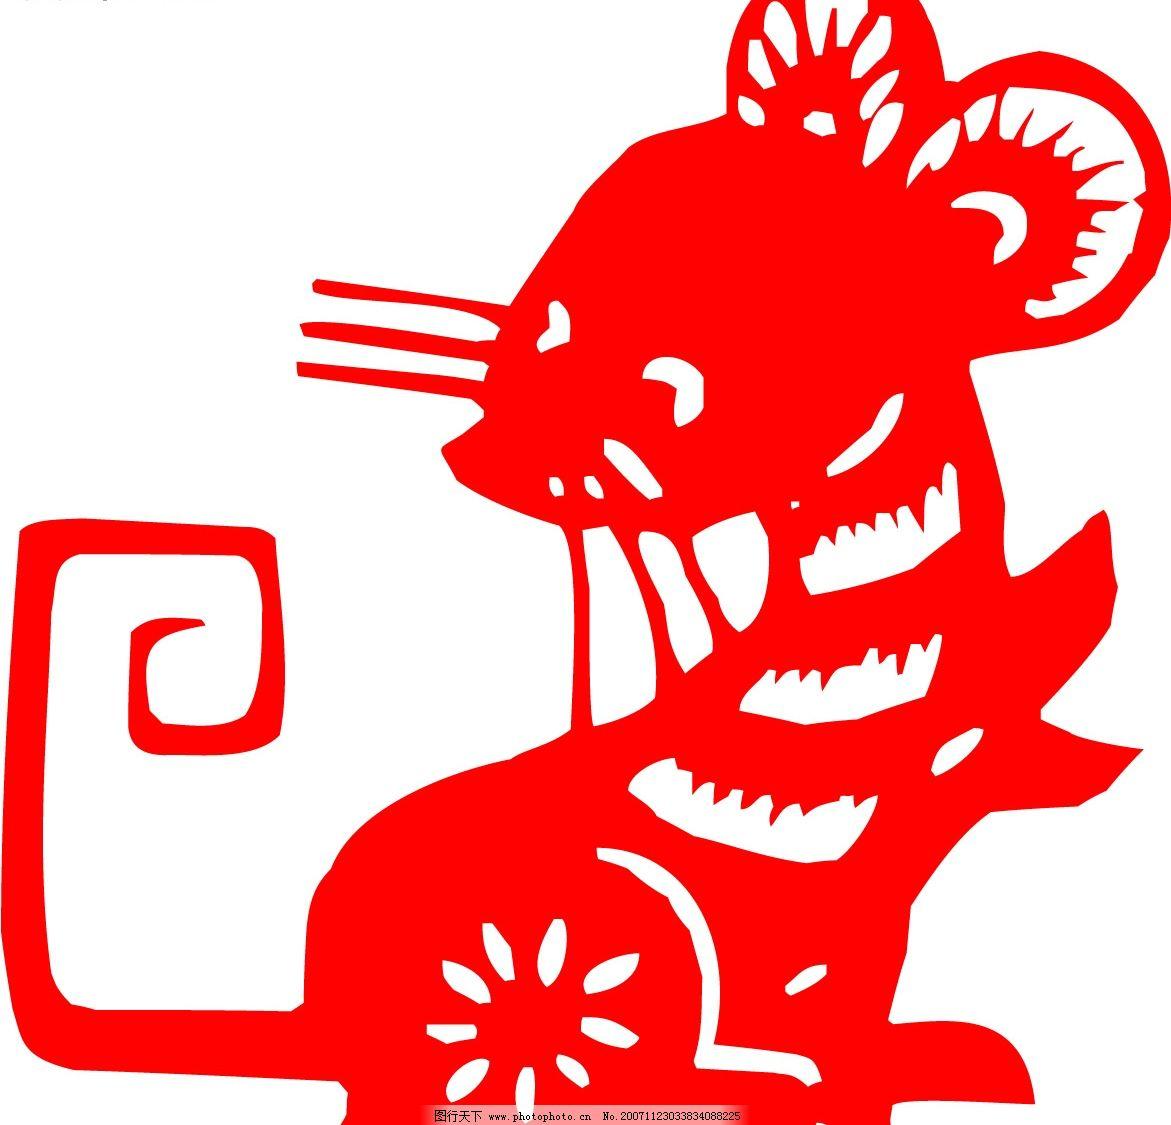 新年素材7-生肖鼠 生肖鼠,老鼠,剪纸 其他矢量 矢量素材 新年设计素材